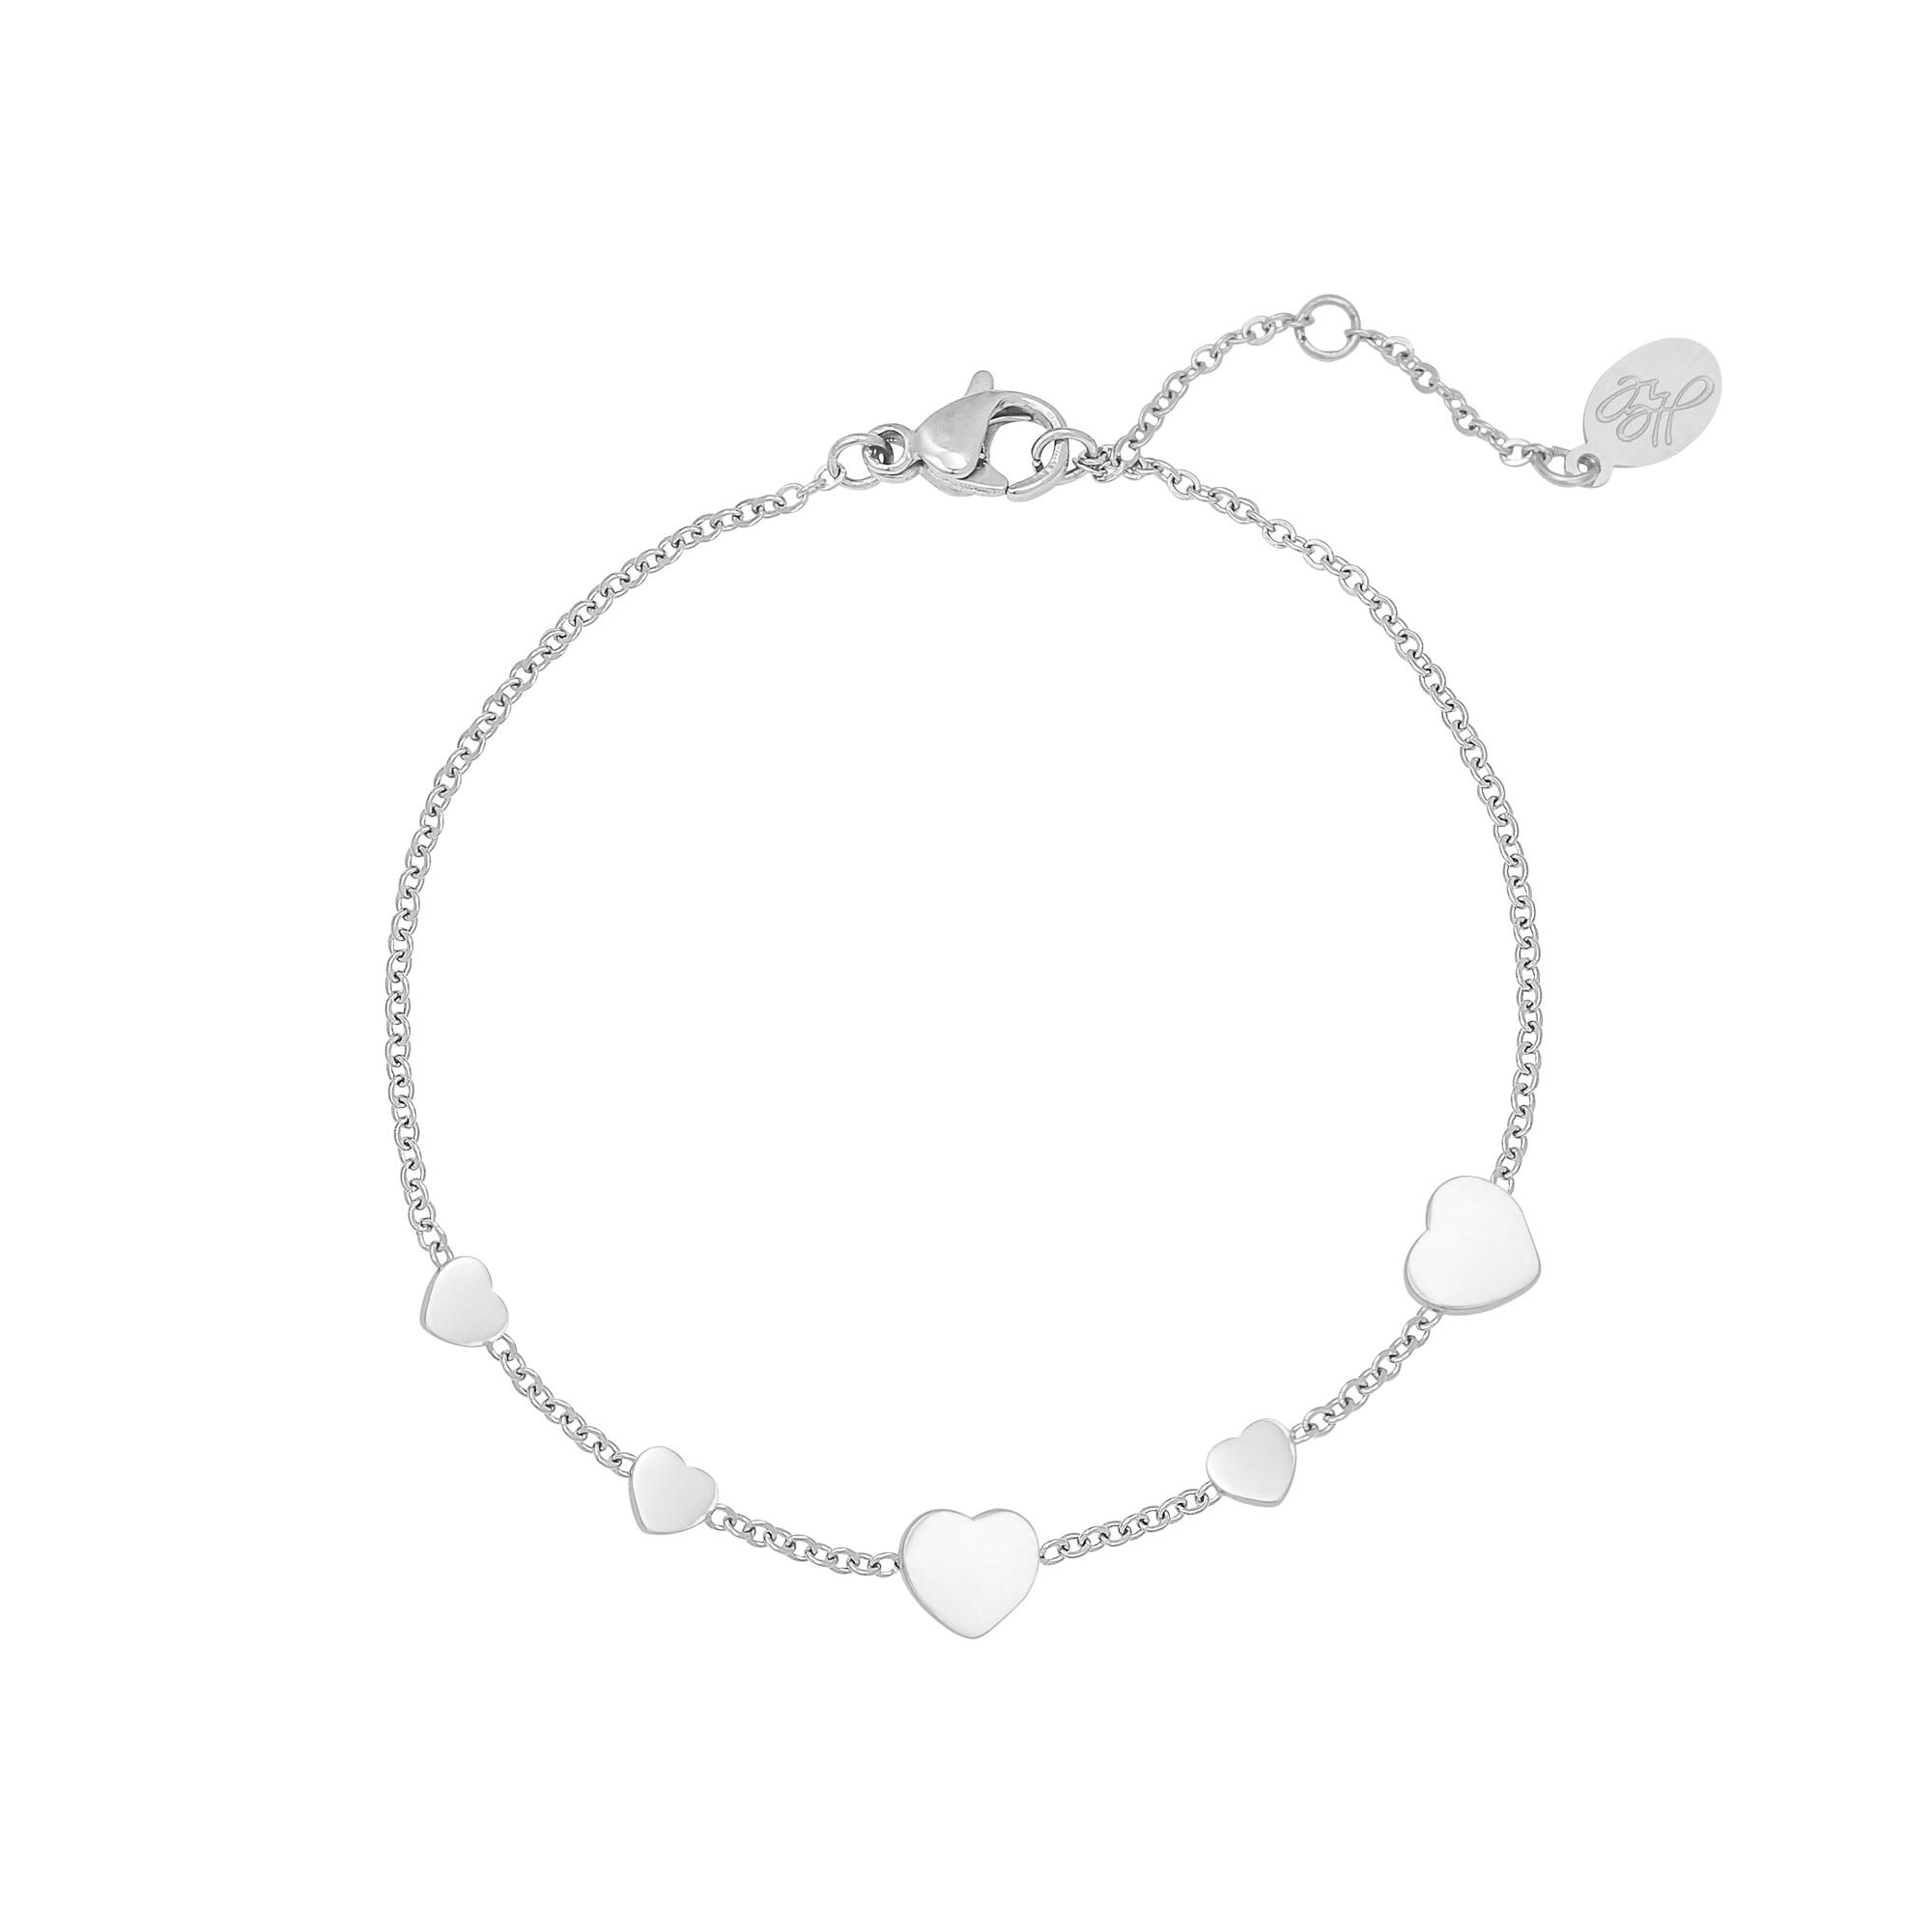 Bracelet Row Coins Heart